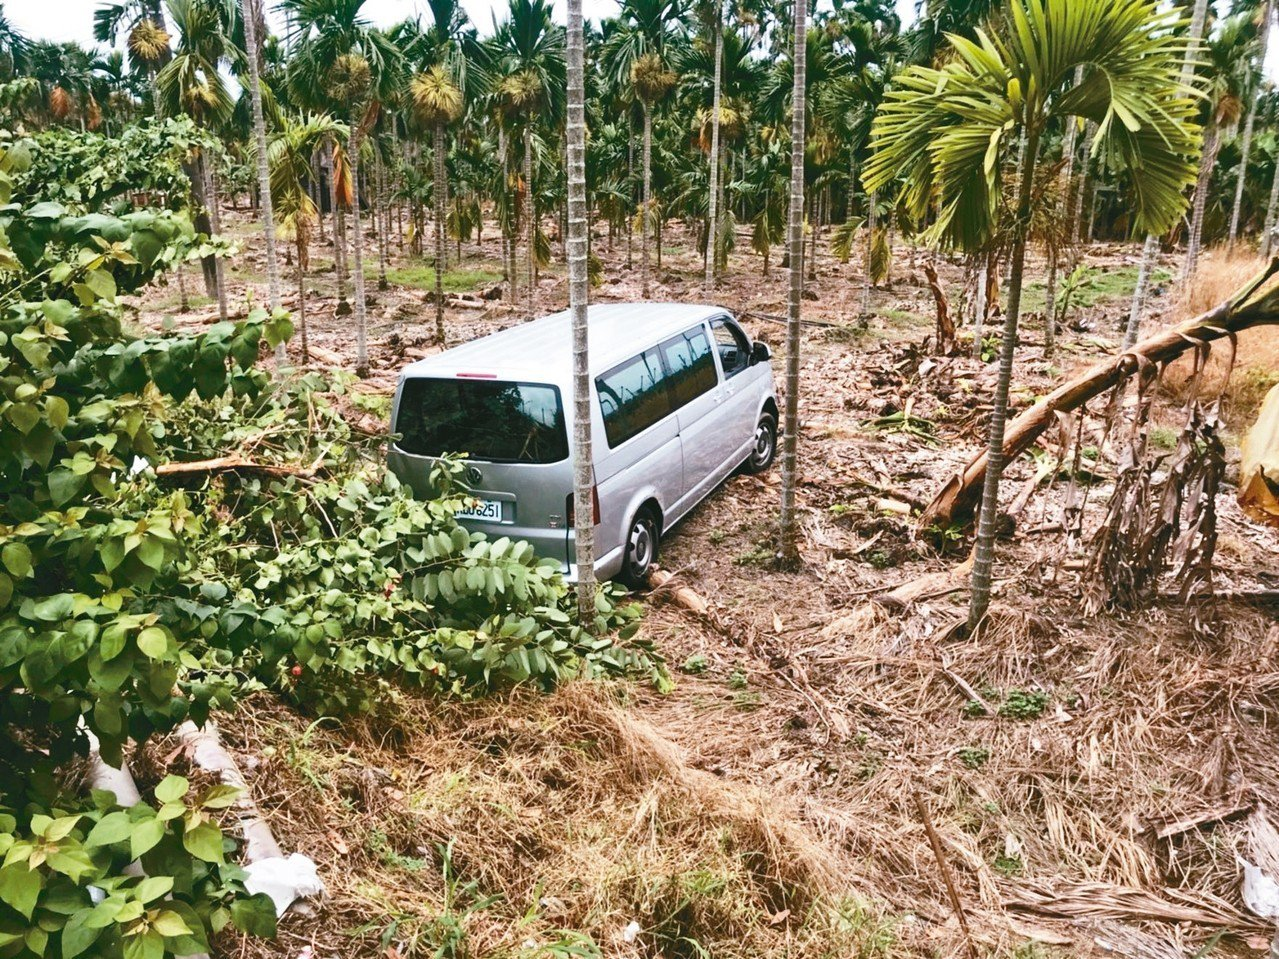 載試卷的廂型車被撞入檳榔園,司機鼻梁擦傷。記者潘欣中/翻攝